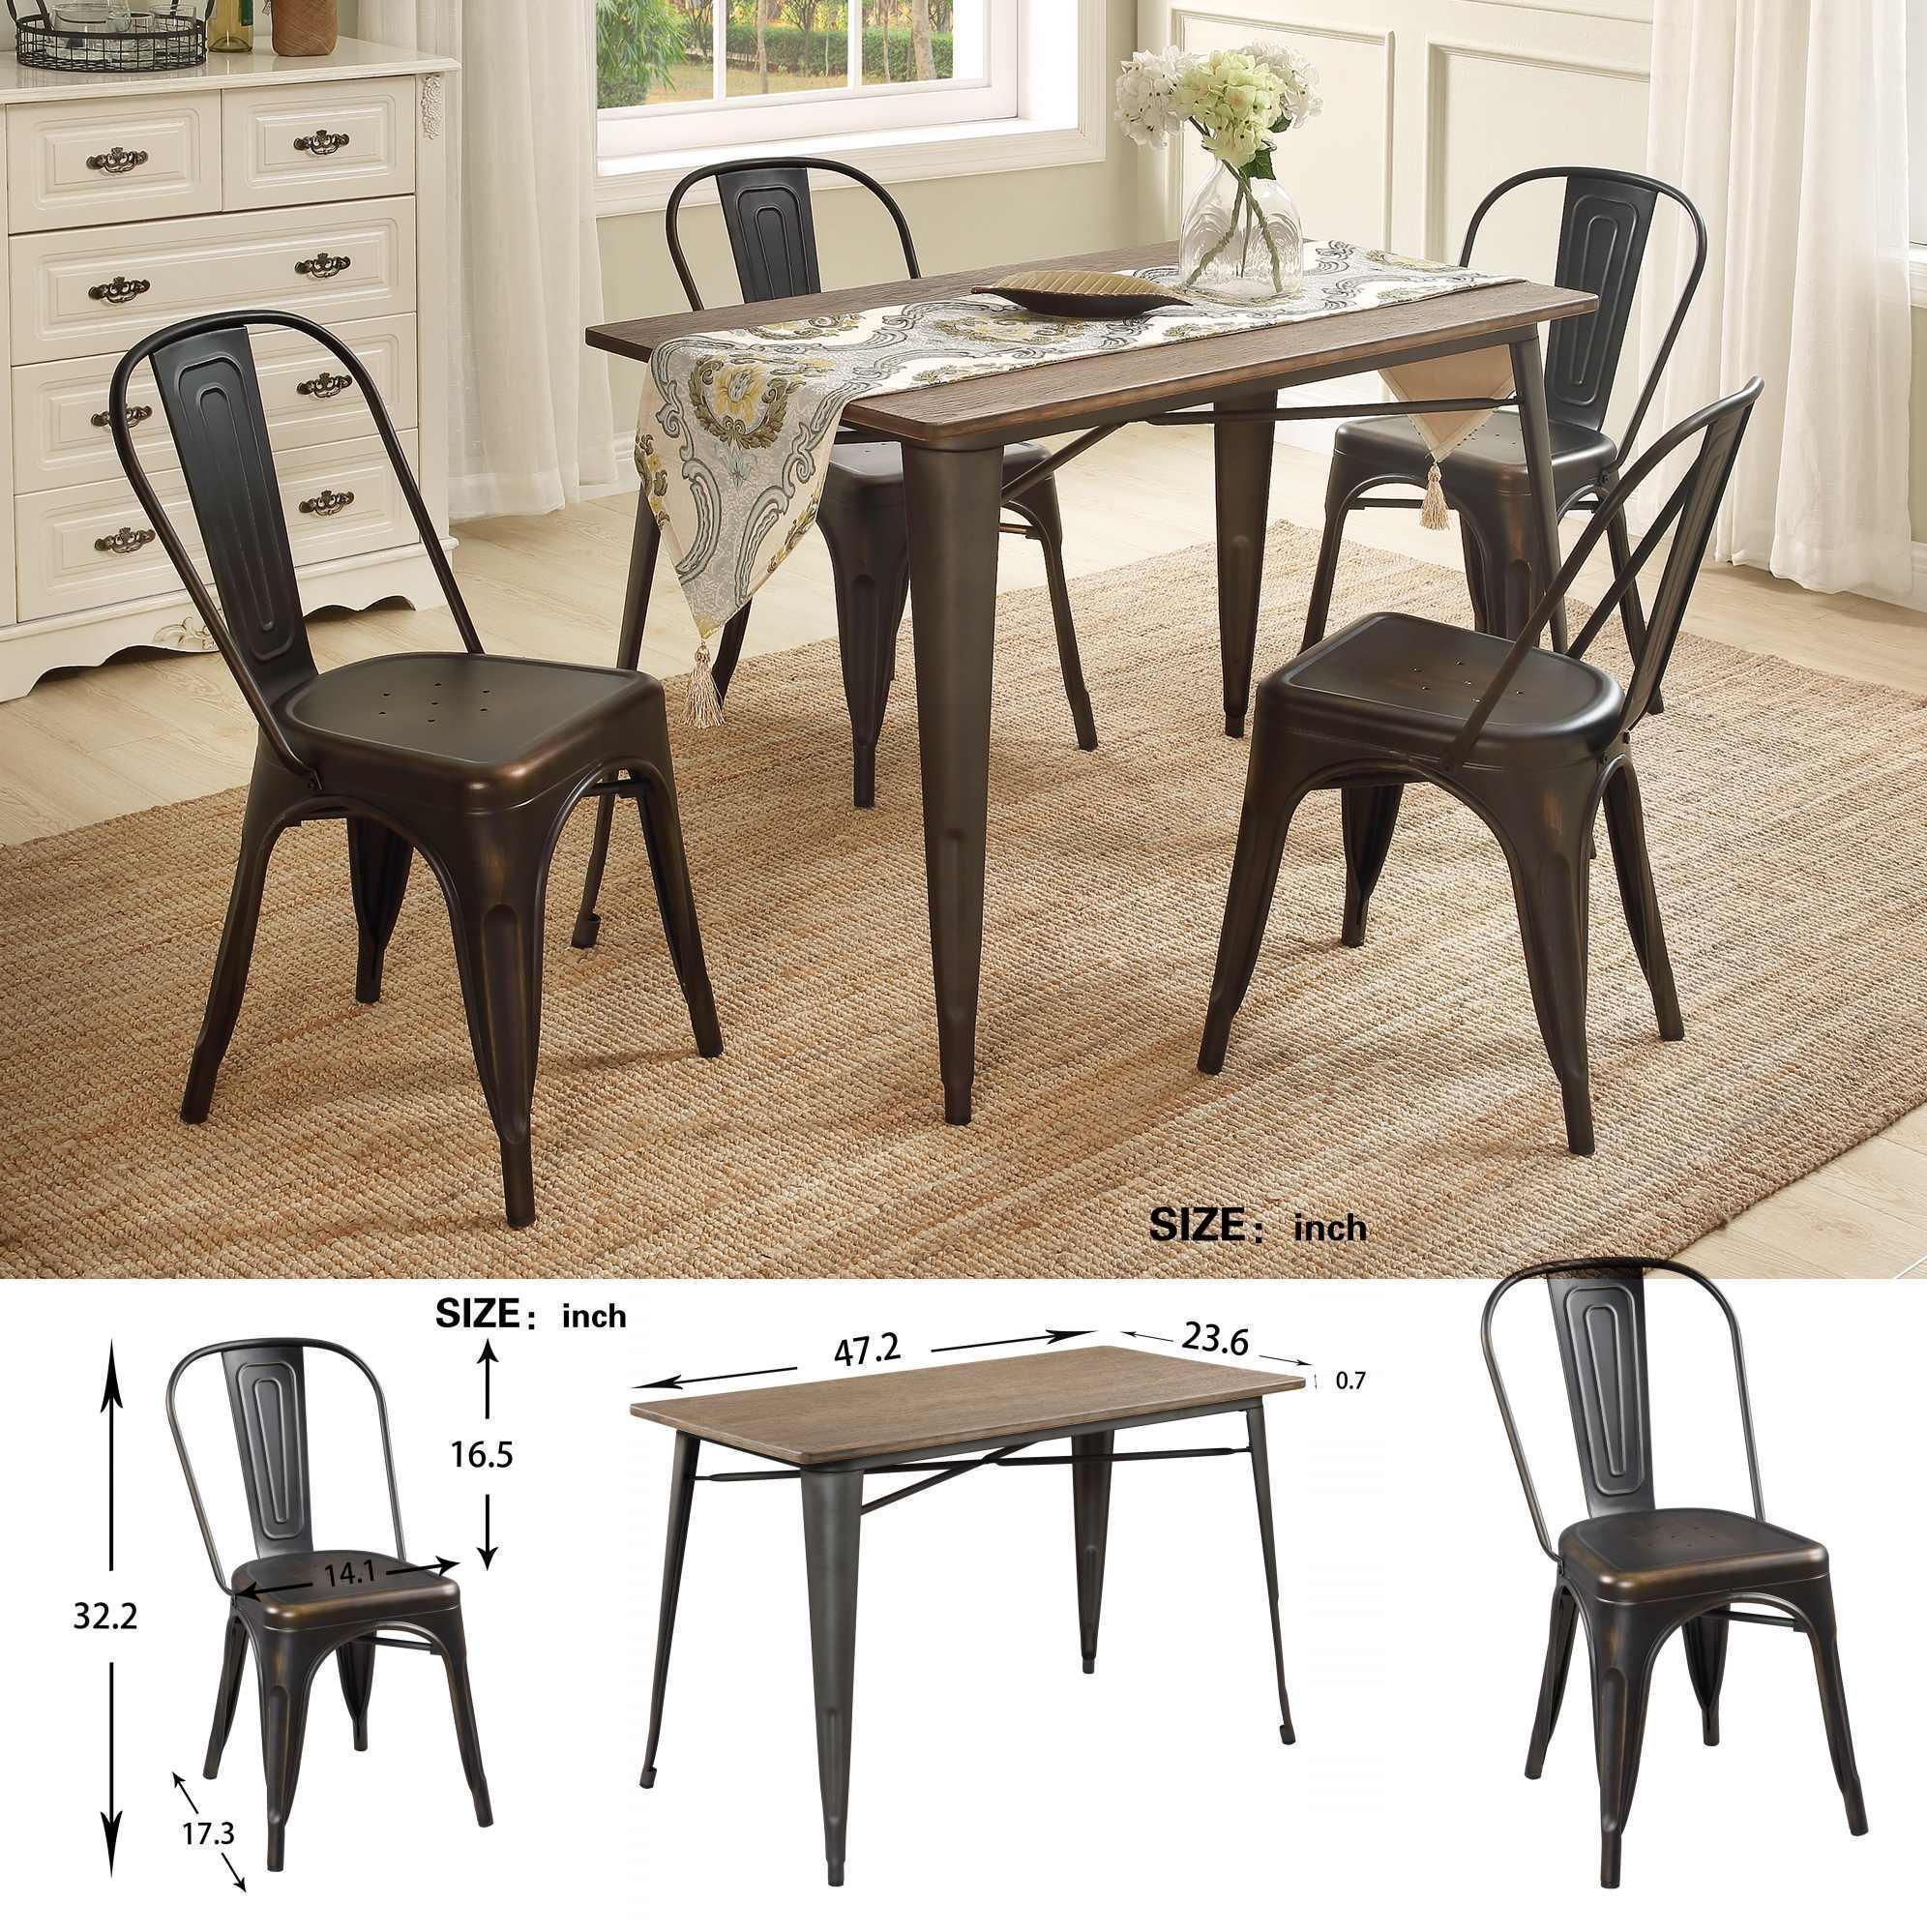 US-Aktien U_STYLE Antique 5-teiliges Metall Esszimmer Set Massivholz-Tisch Stuhl Esszimmermöbel SL000024DAA